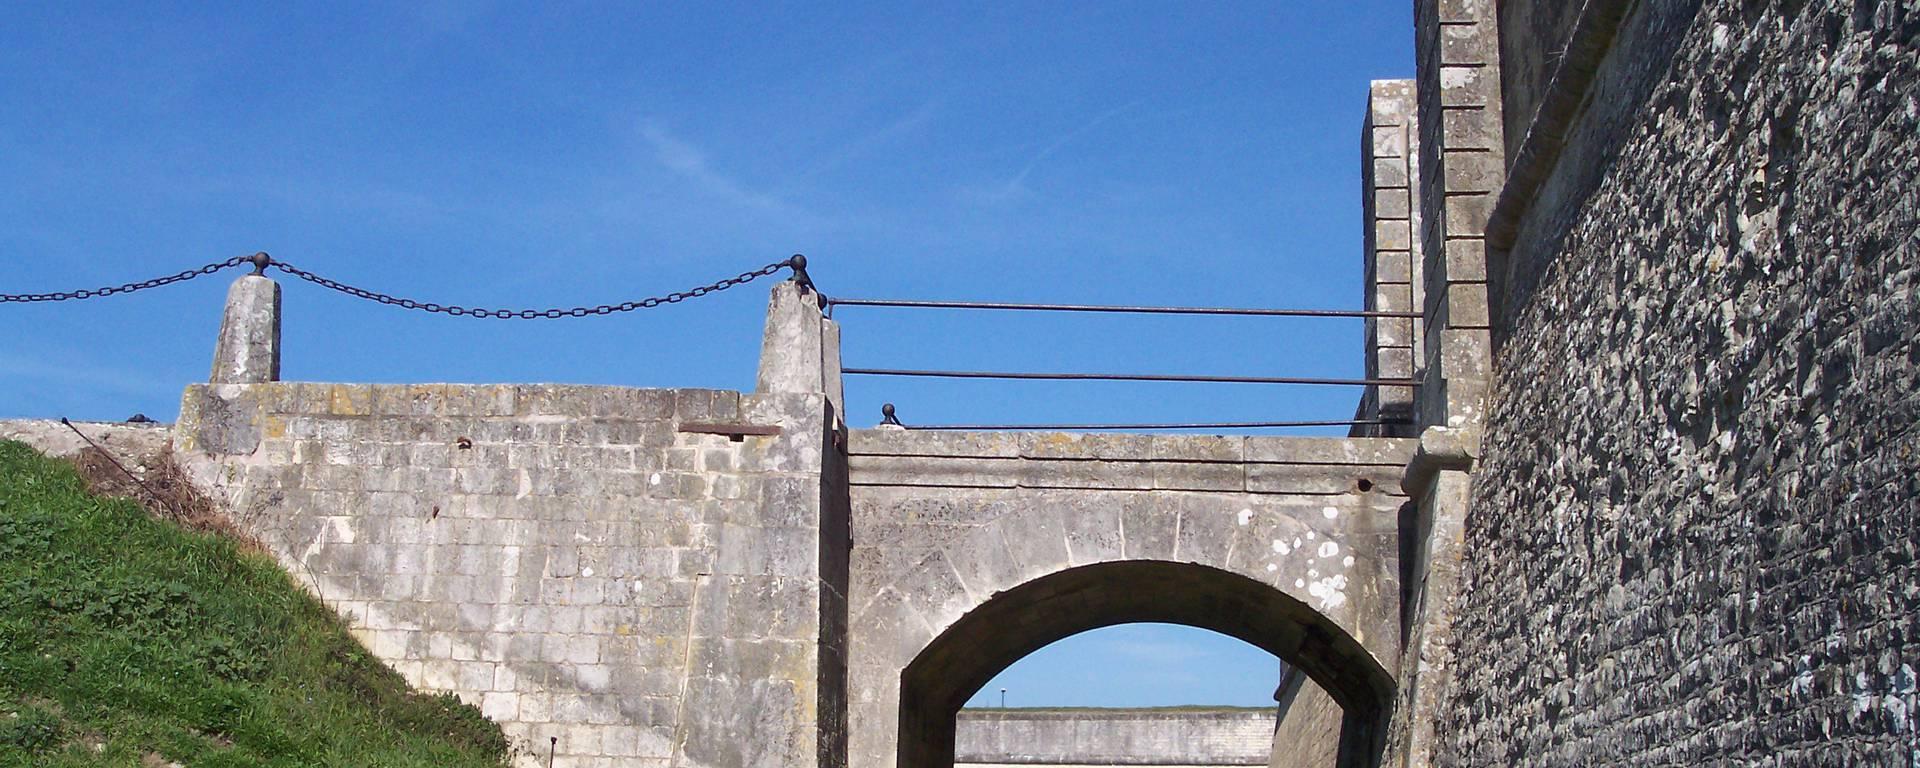 Pont de la porte des campani ©Guillaume Cudennec